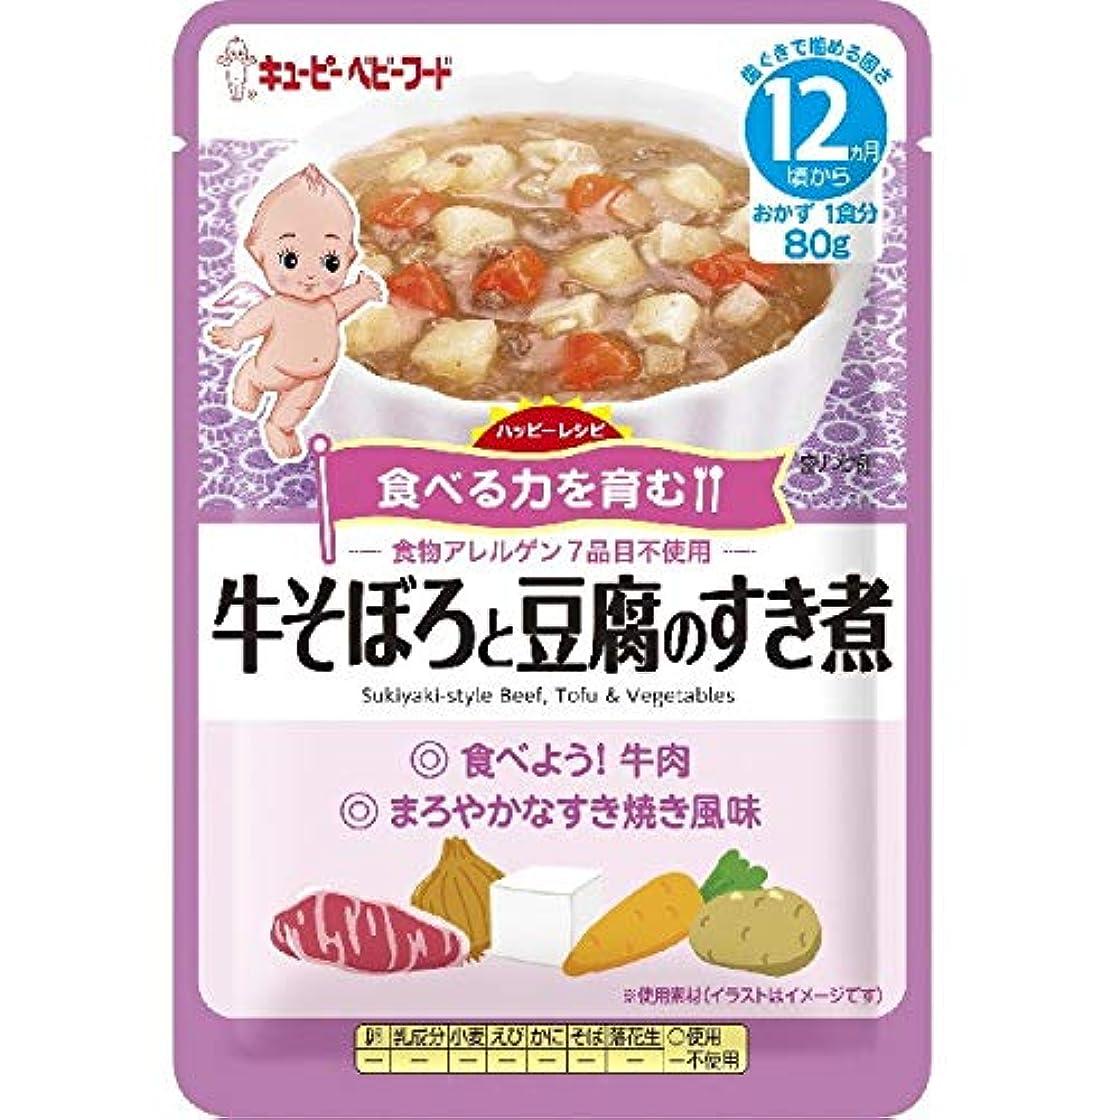 ハッピーレシピ 牛そぼろと豆腐のすき煮 80g (12ヵ月頃から)【3個セット】